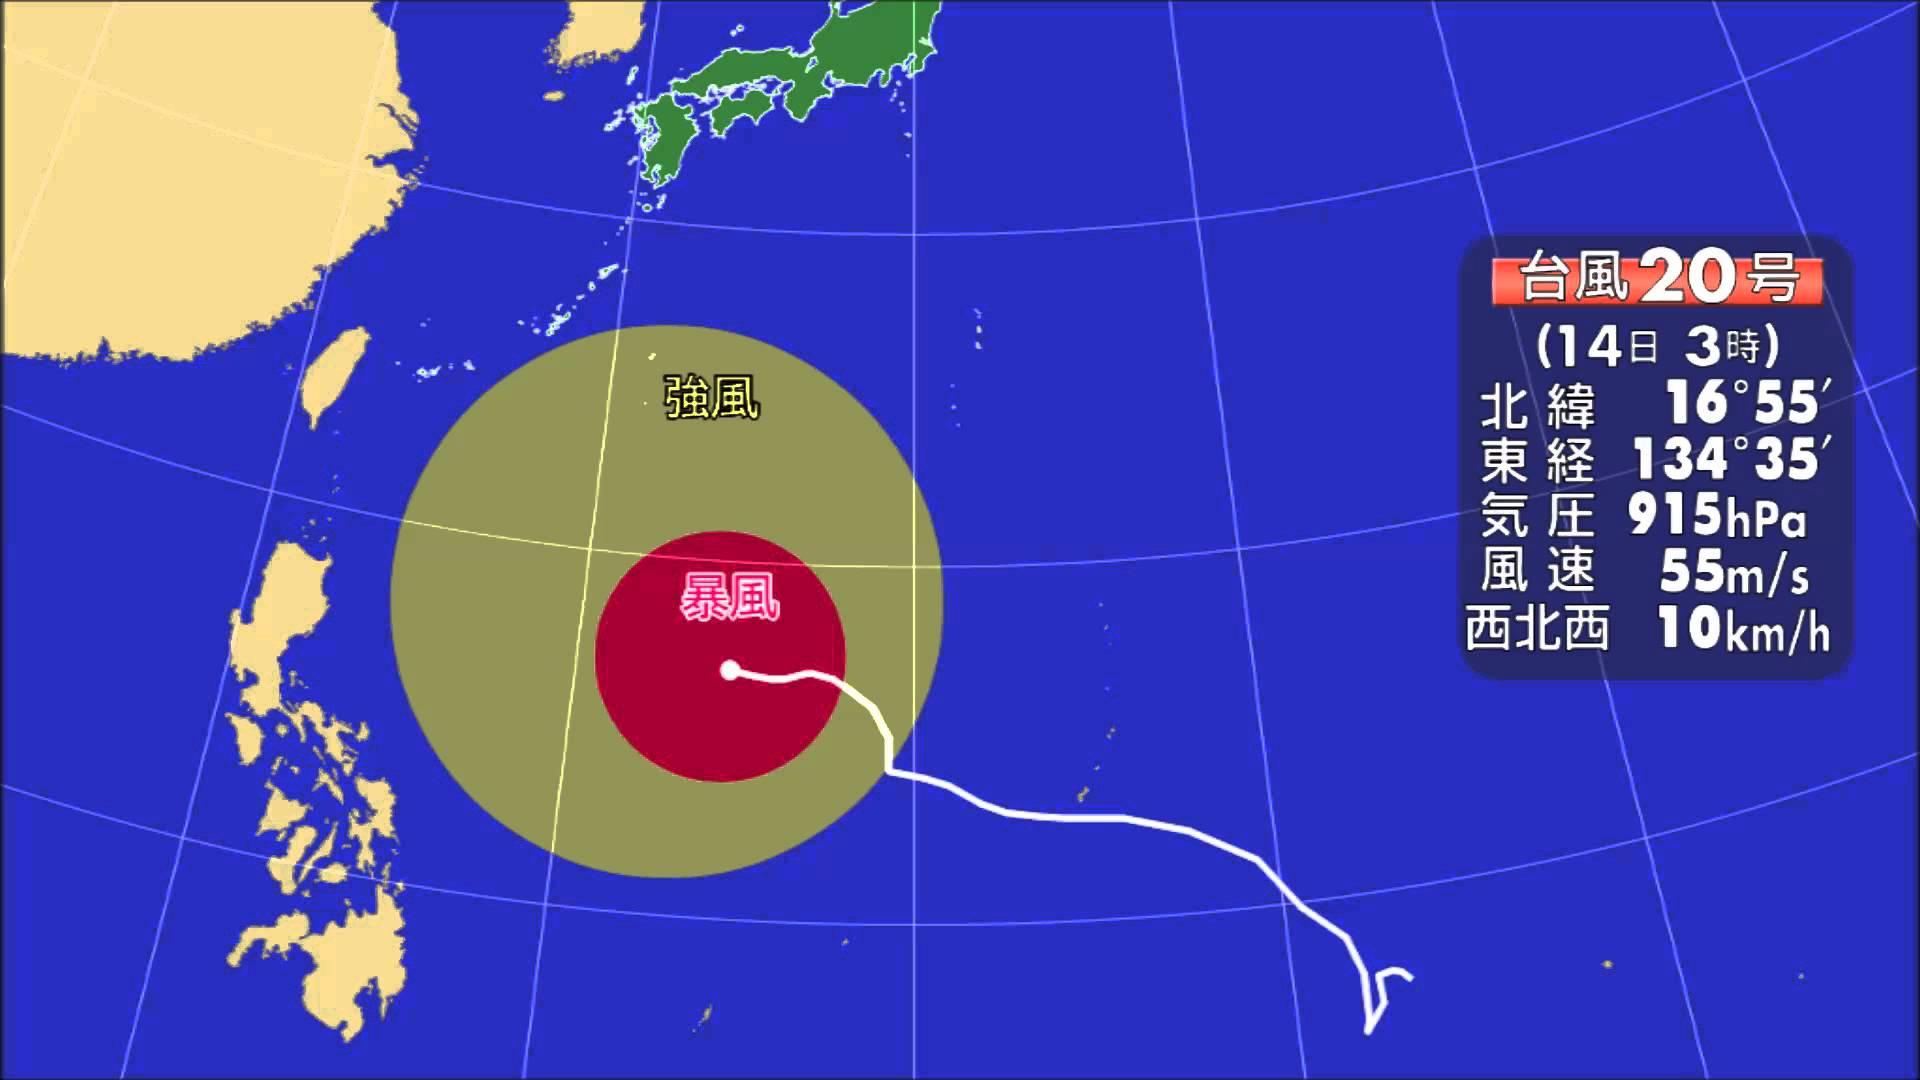 史上最強の台風、1979年20号を現在の台風情報で再現してみた